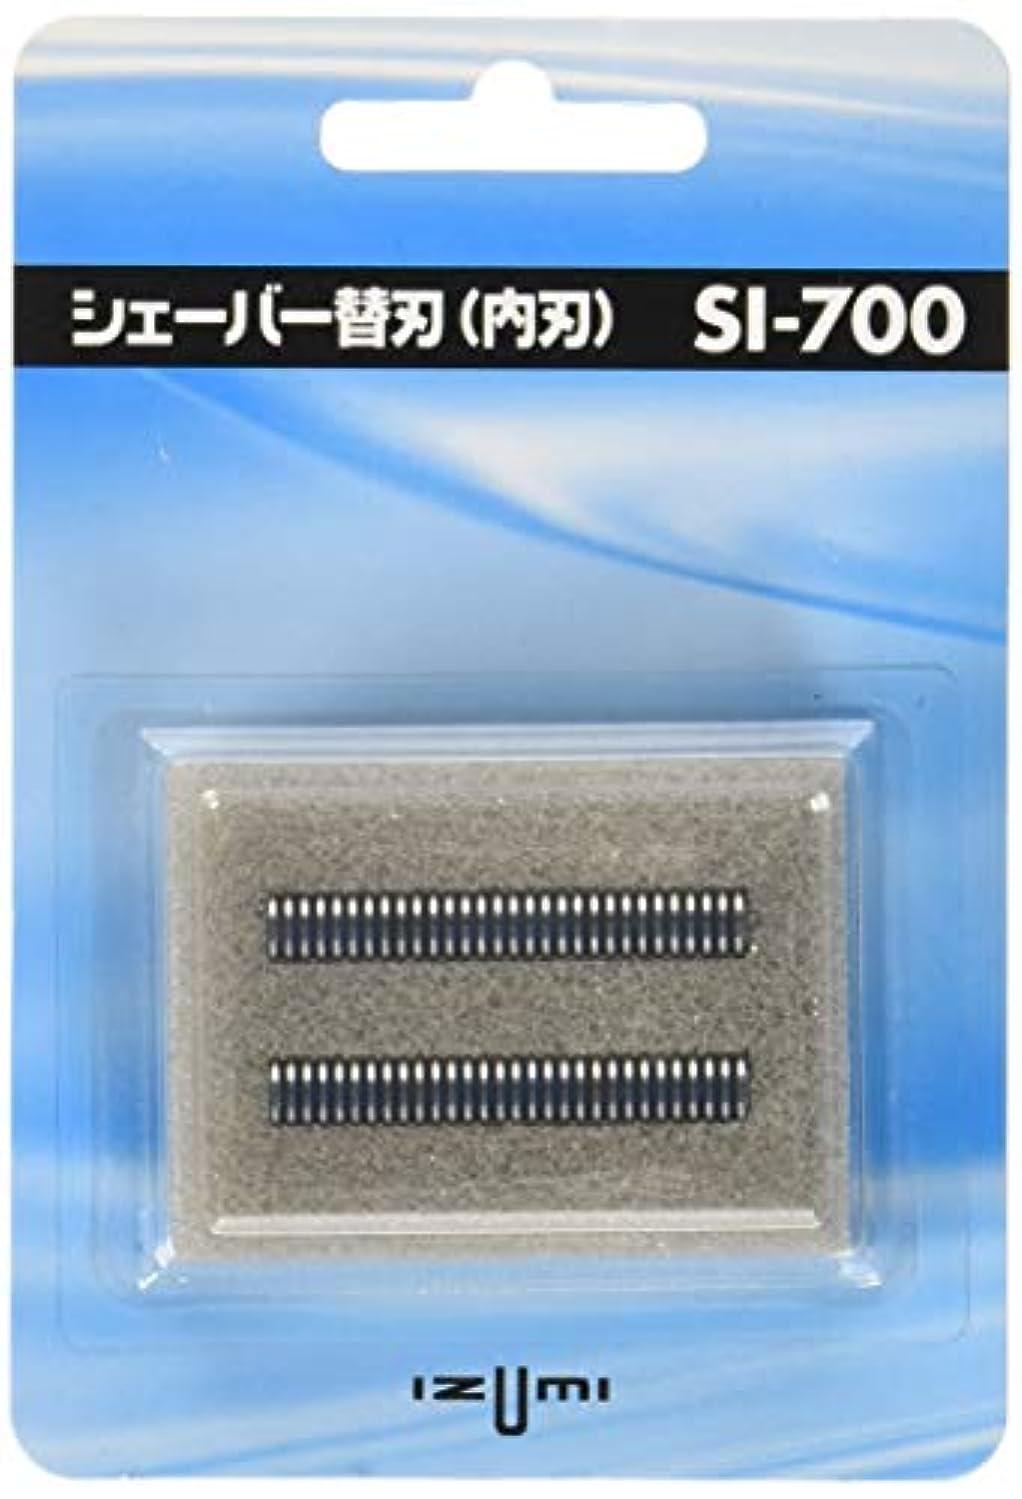 橋脚単調な最もIZUMI 往復式シェーバーIZF-700用内刃 SI-700